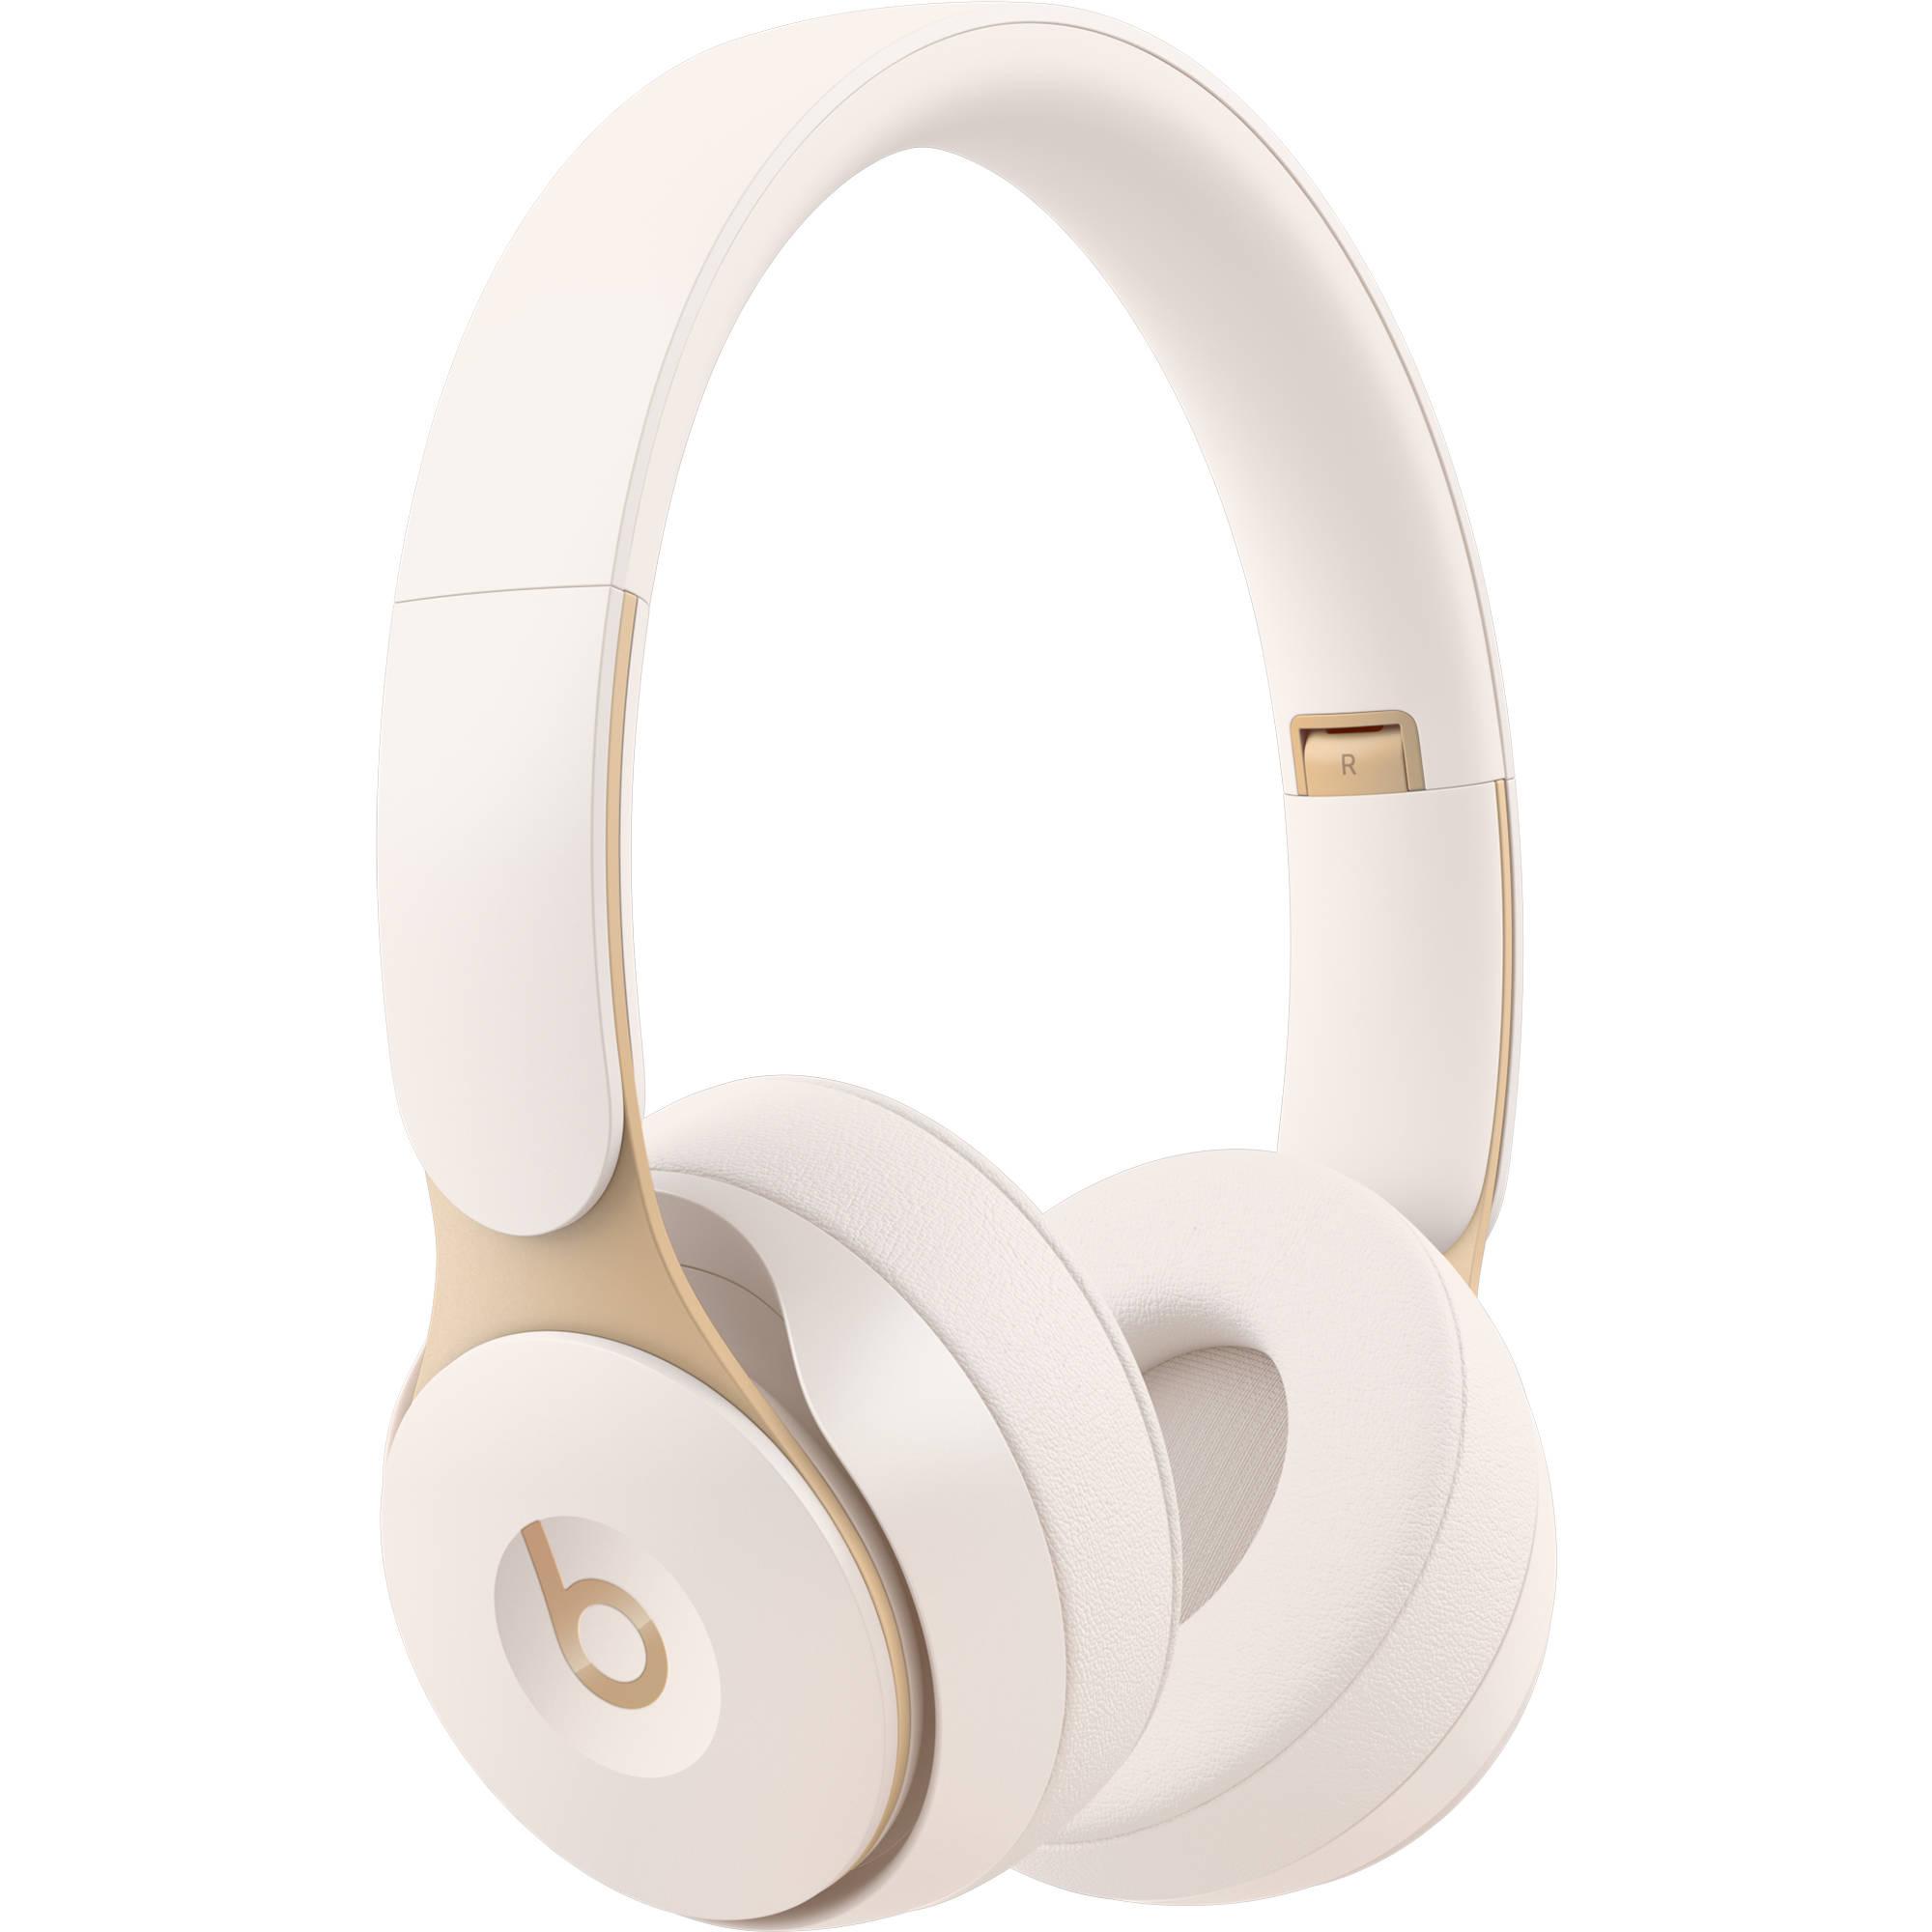 Beats By Dr Dre Solo Pro Wireless Noise Canceling Mrj72lla B H